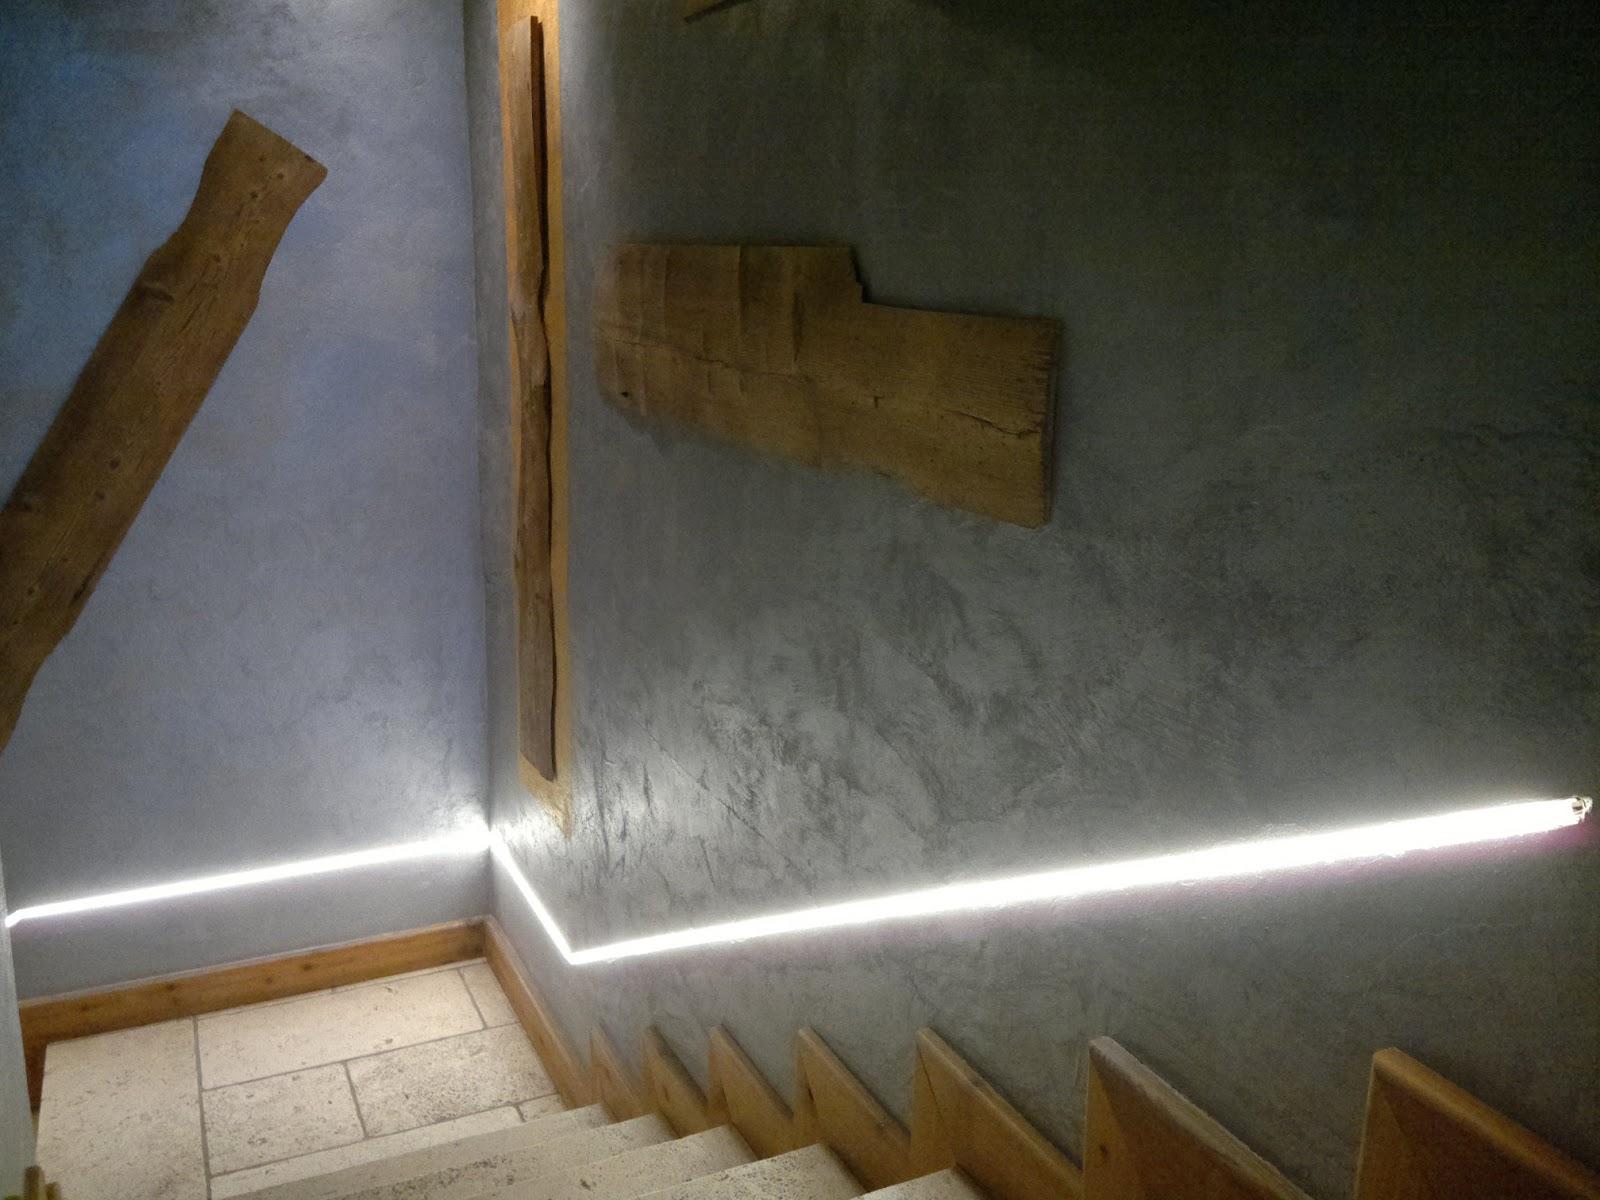 Settimino mondo convenienza - Illuminazione scale interne led ...